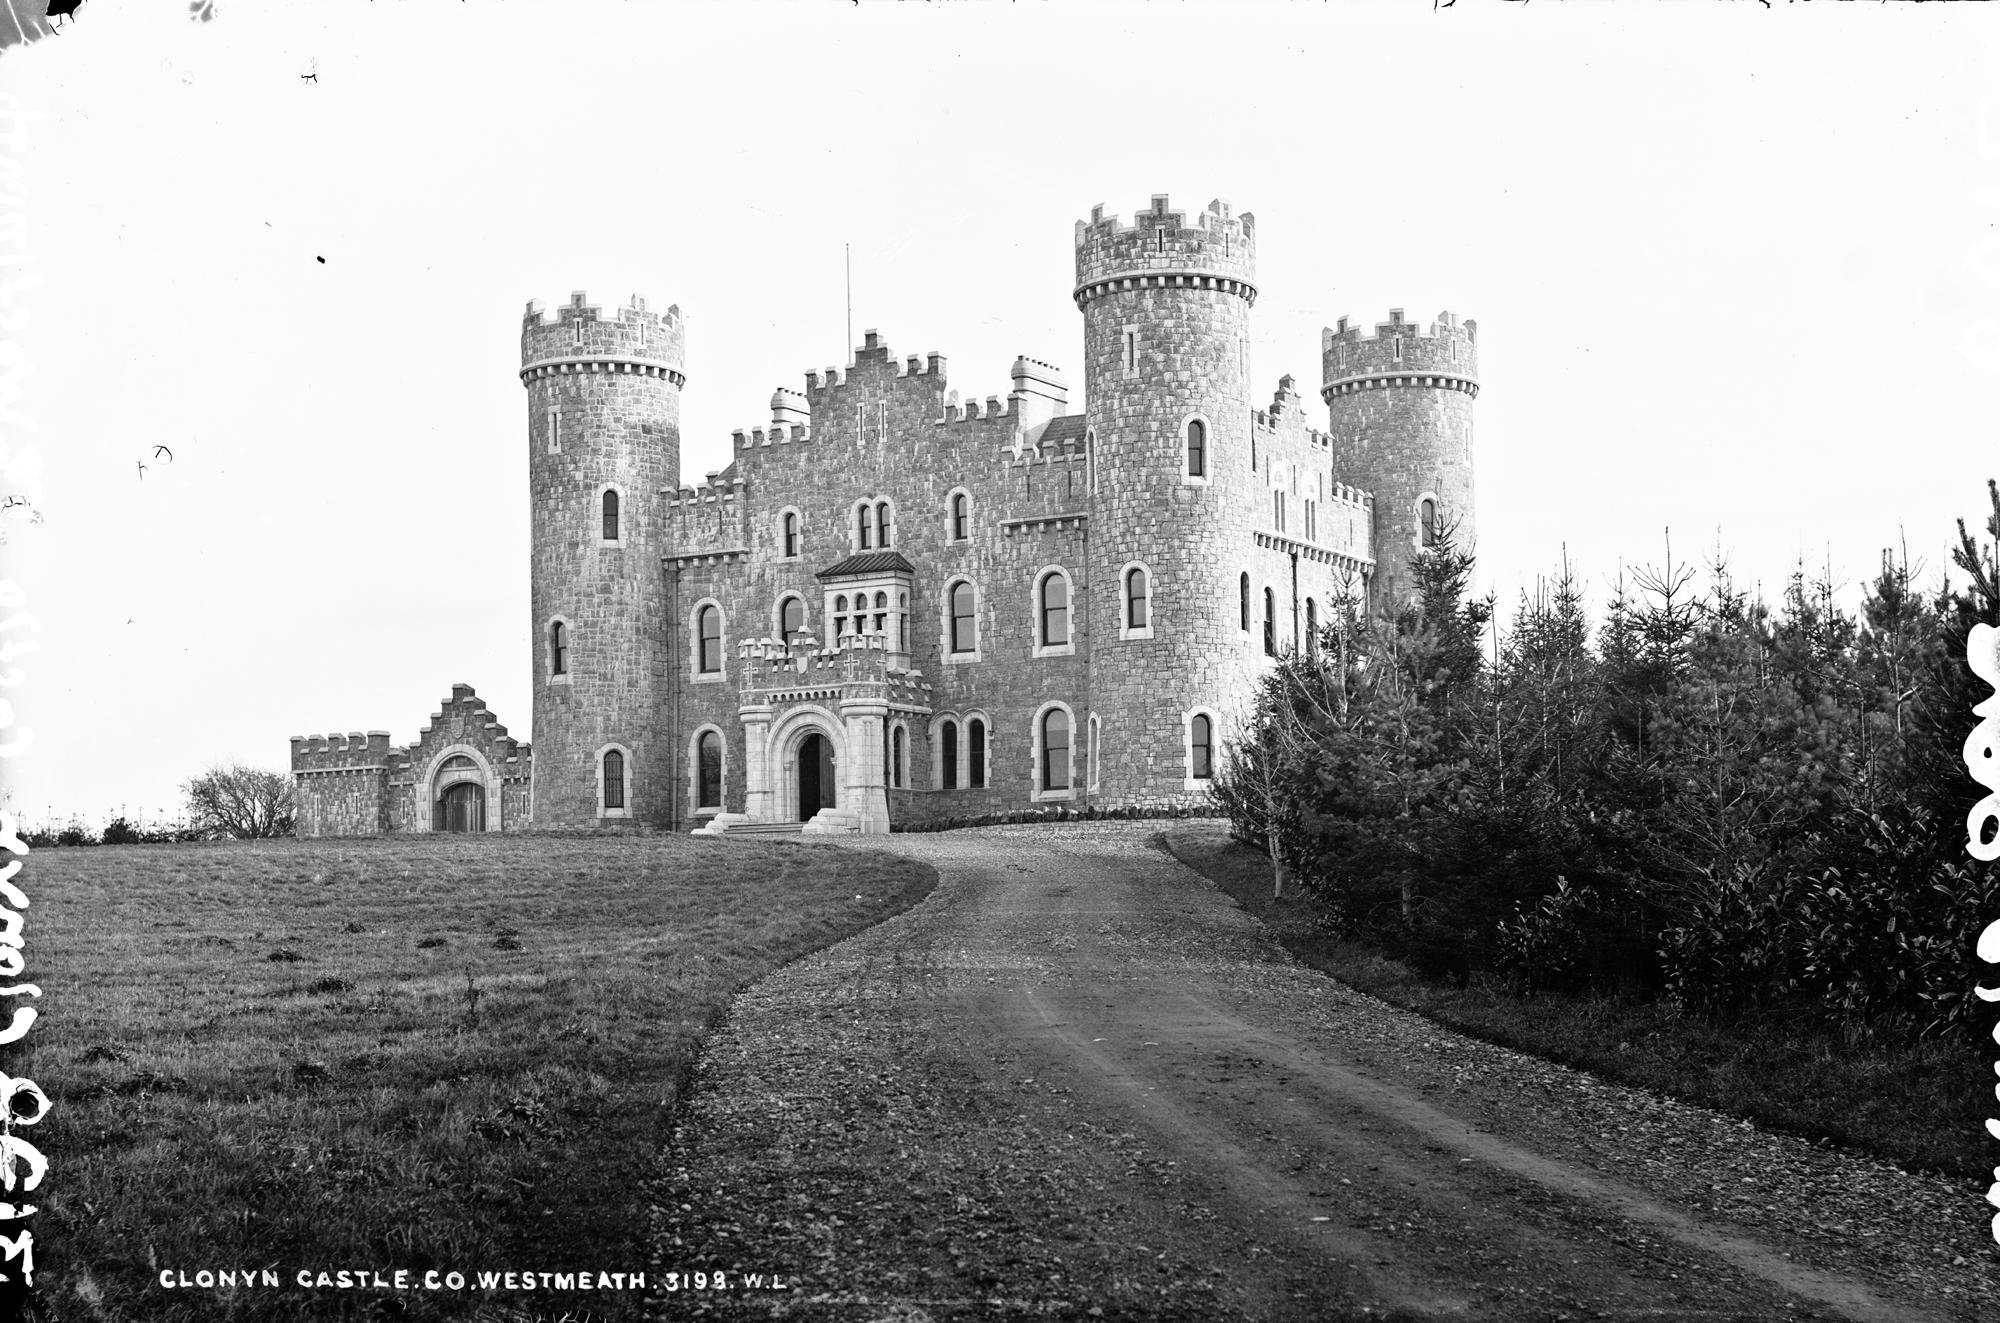 Clonyn Castle, Delvin, Co. Westmeath